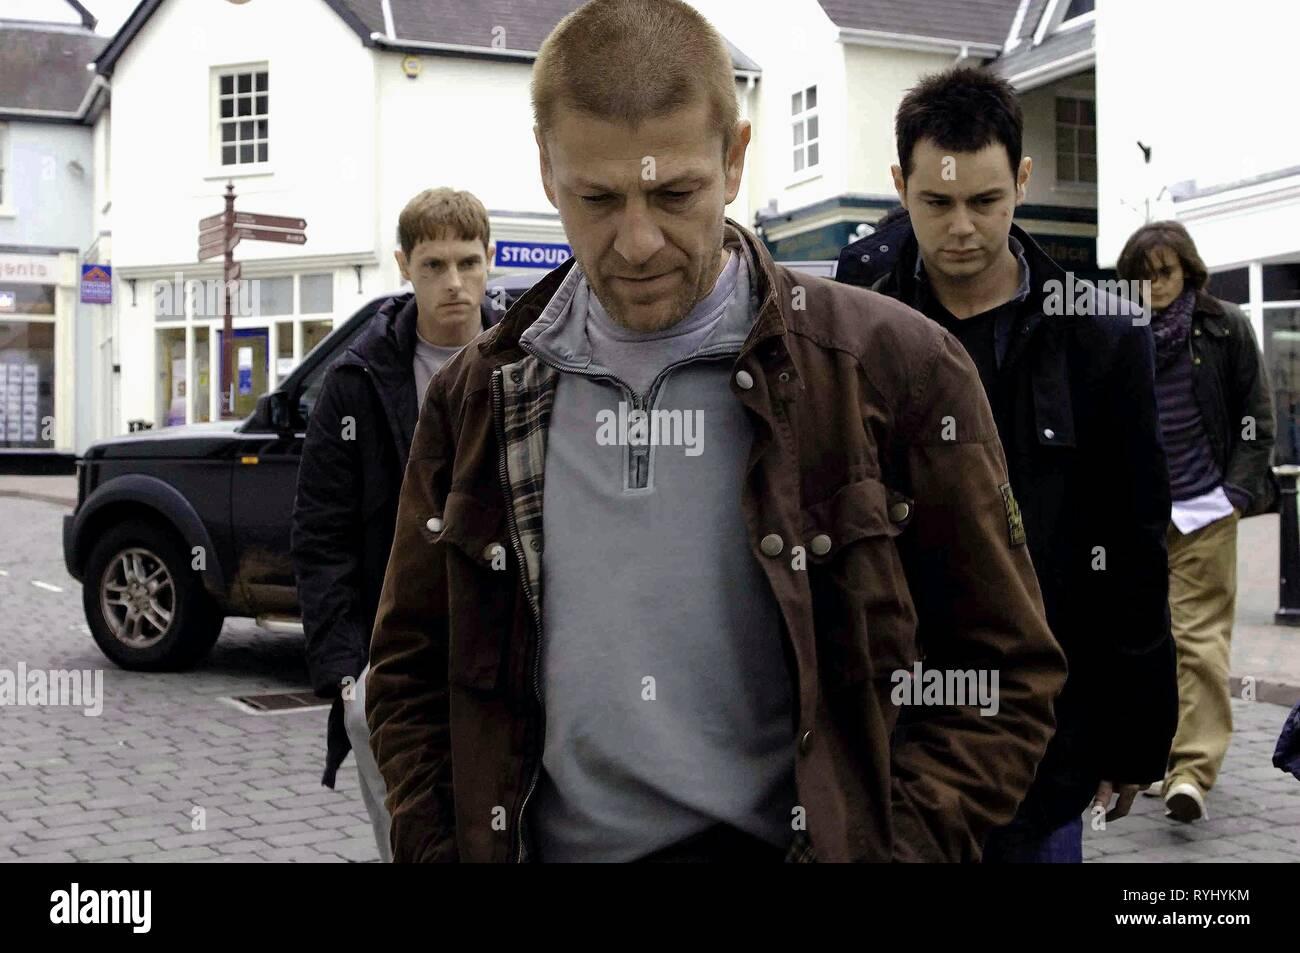 SEAN HARRIS, SEAN BEAN, DANNY DYER, RUPERT FRIEND, OUTLAW, 2007 - Stock Image